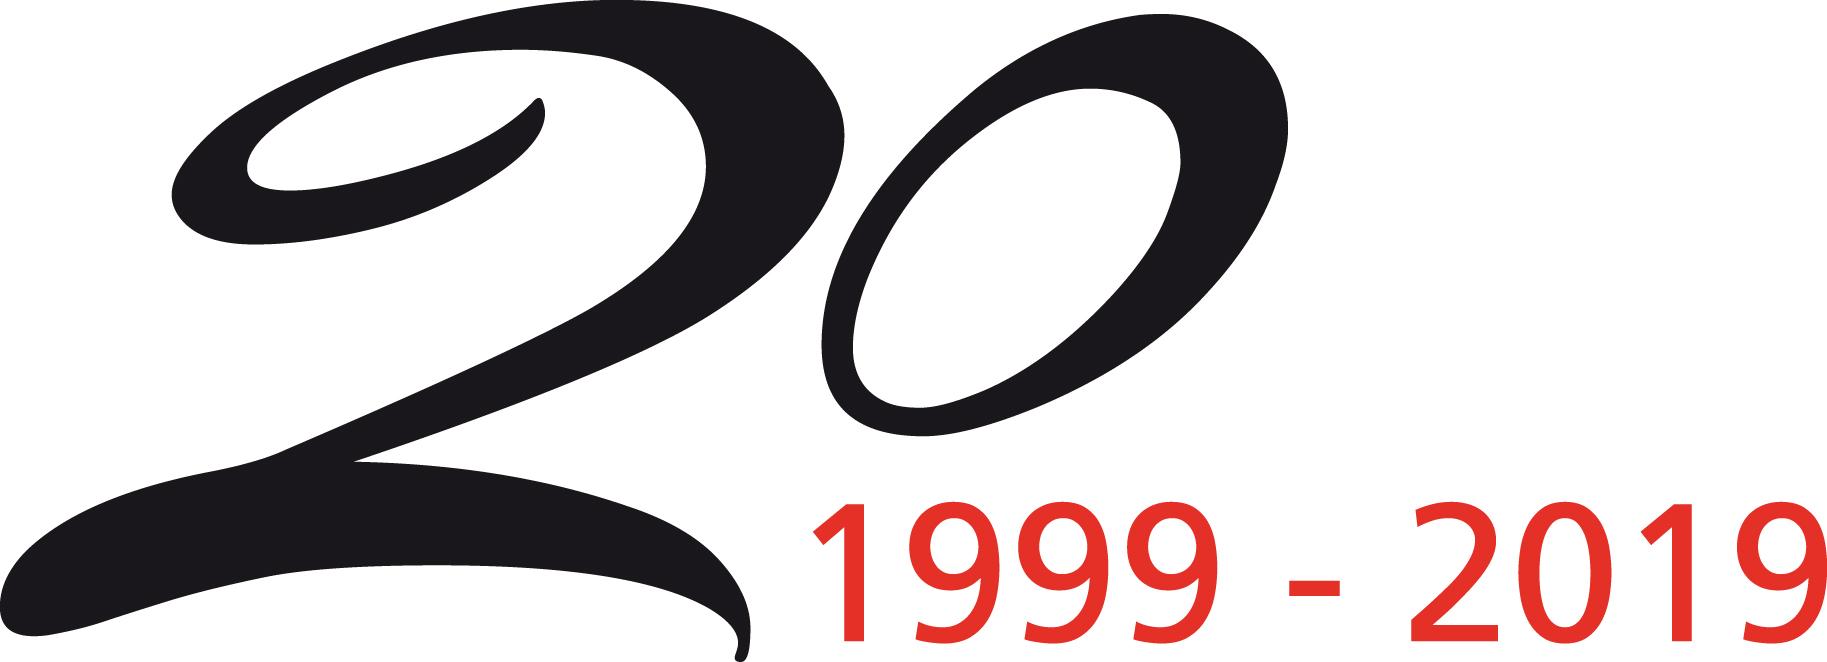 20 Jahre Zumwald und Neuhaus AG